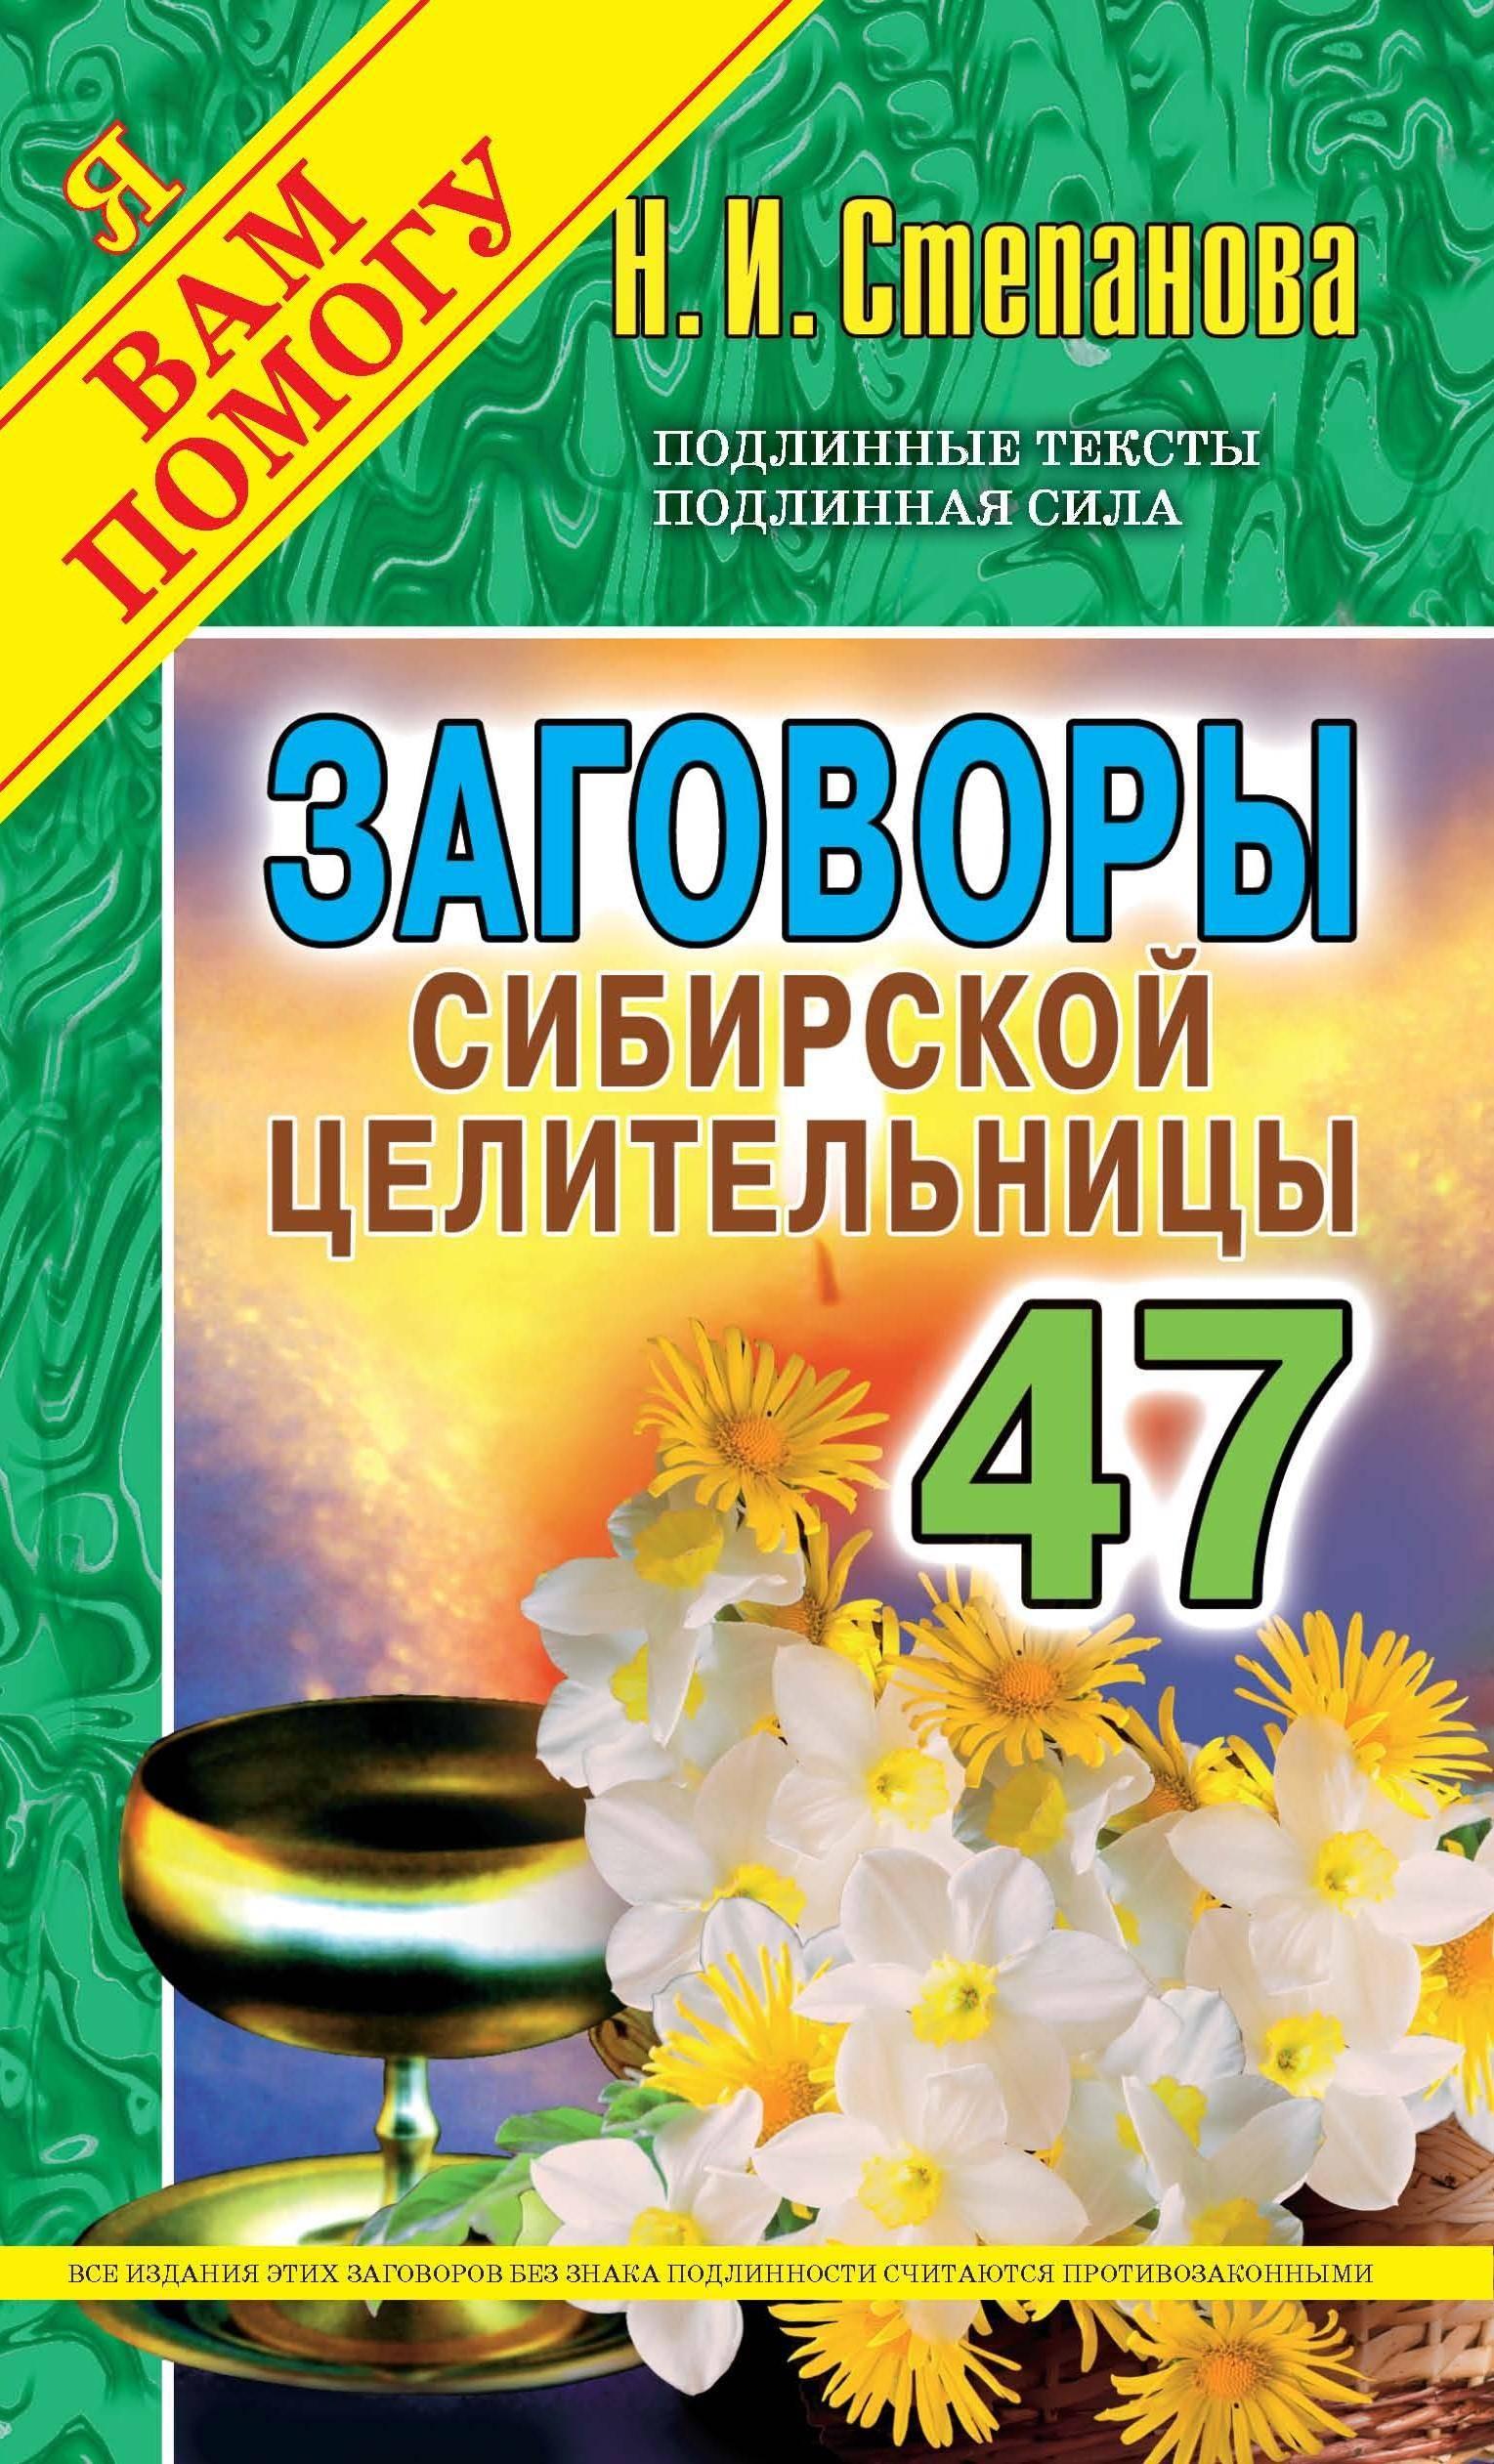 Читать книгу 9000 заговоров сибирской целительницы. самое полное собрание натальи степановой : онлайн чтение - страница 1